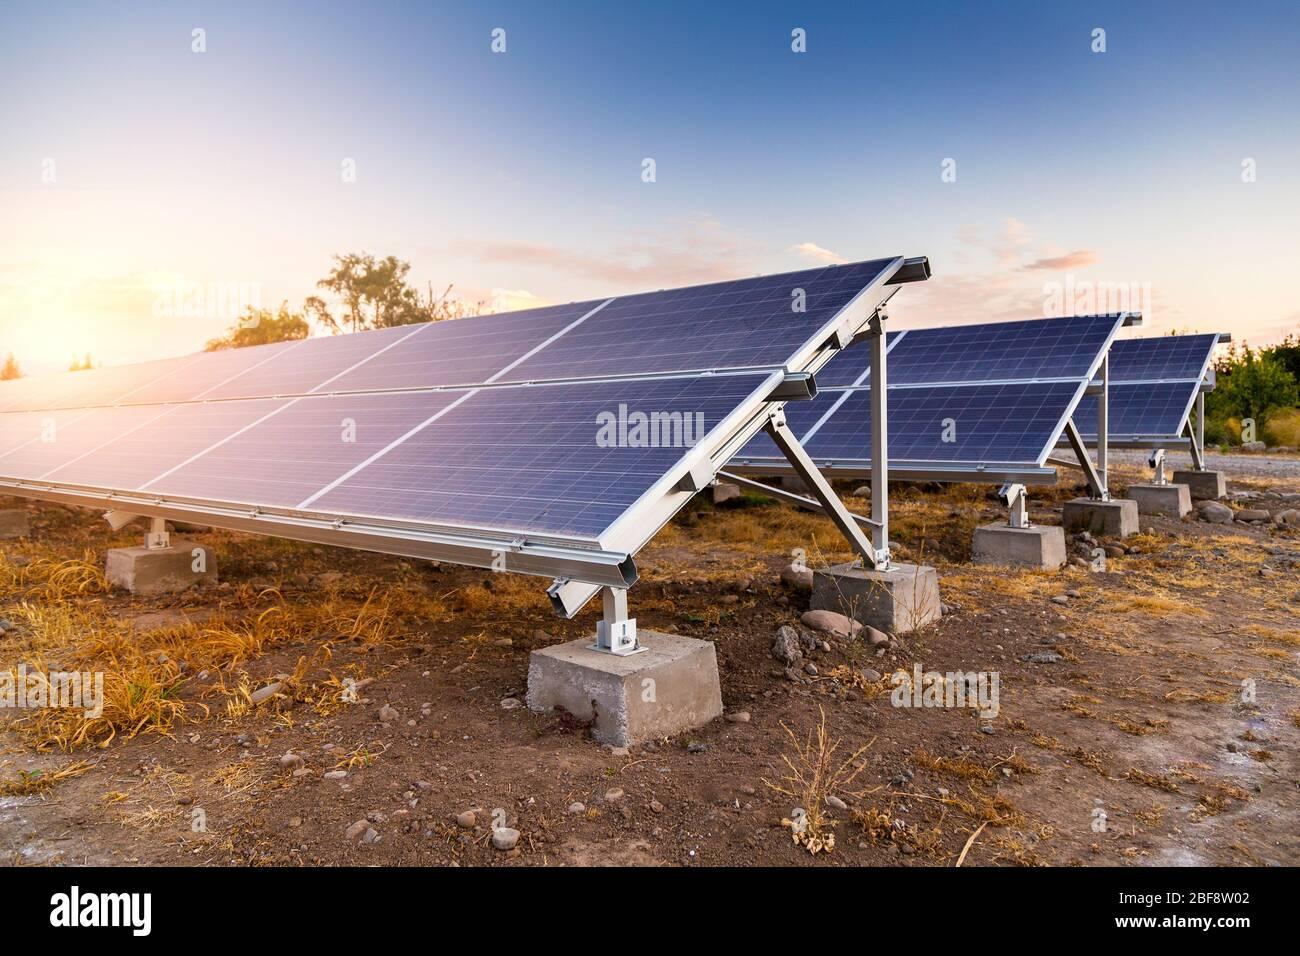 Panel solar sobre el cielo puesta de sol de fondo en el desierto. Generador de energía ecológica. Fuente de energía alternativa. Foto de stock